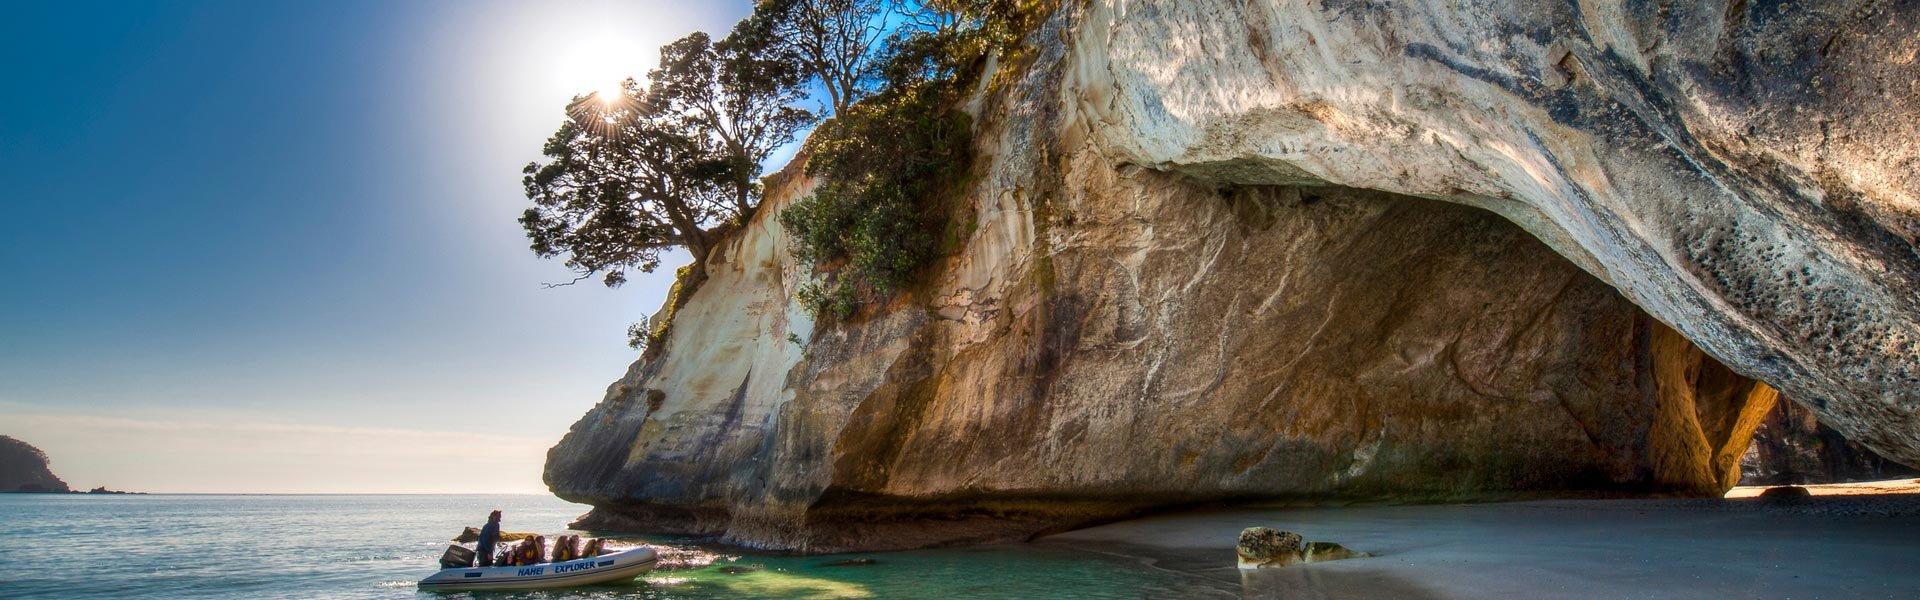 Nieuw-Zeeland Cathedralcove Coromal